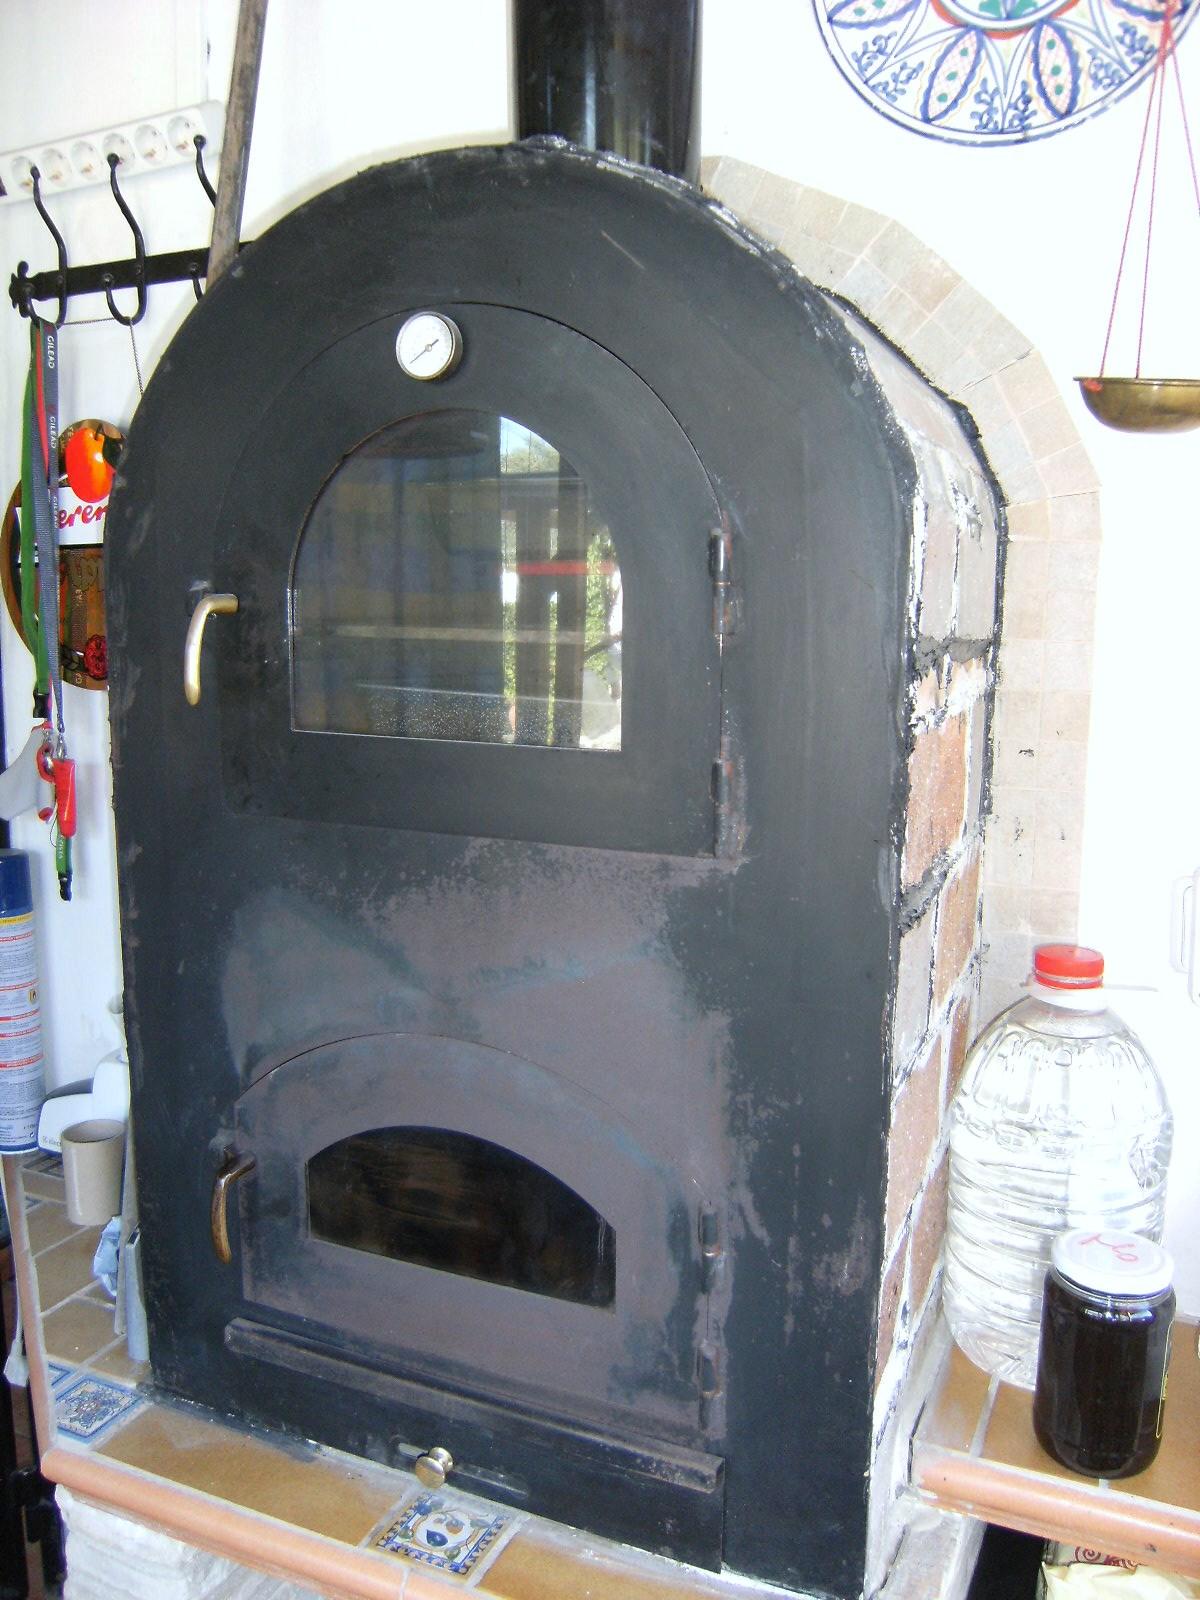 Energia solar casera y utiles c mo usar un horno de le a - Calentar horno de lena ...